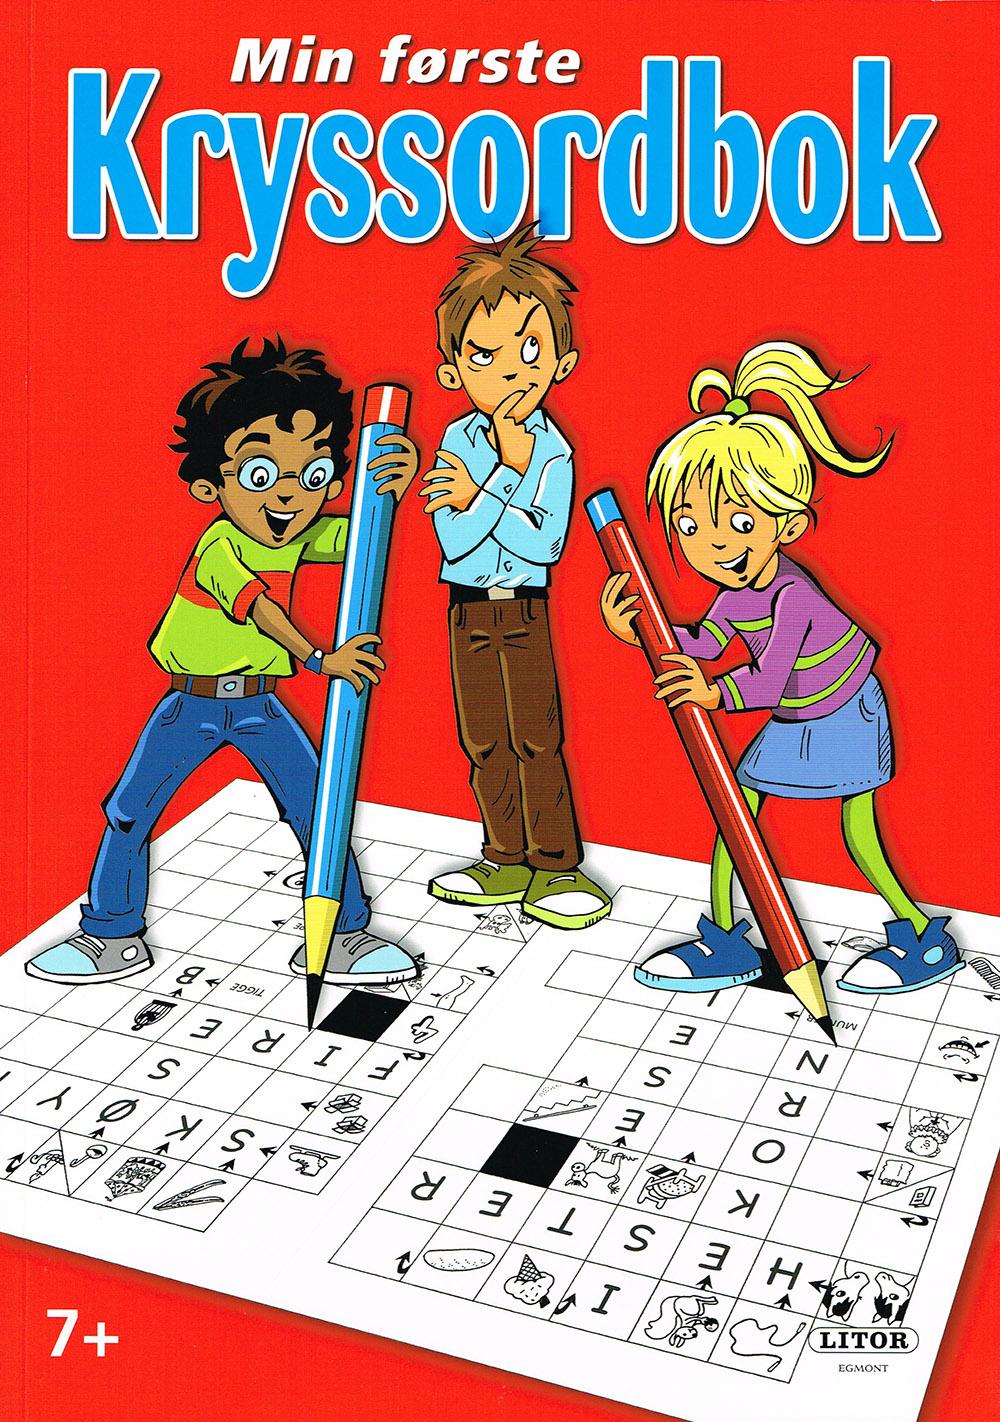 Lette bildekryssord, illustrasjon barn